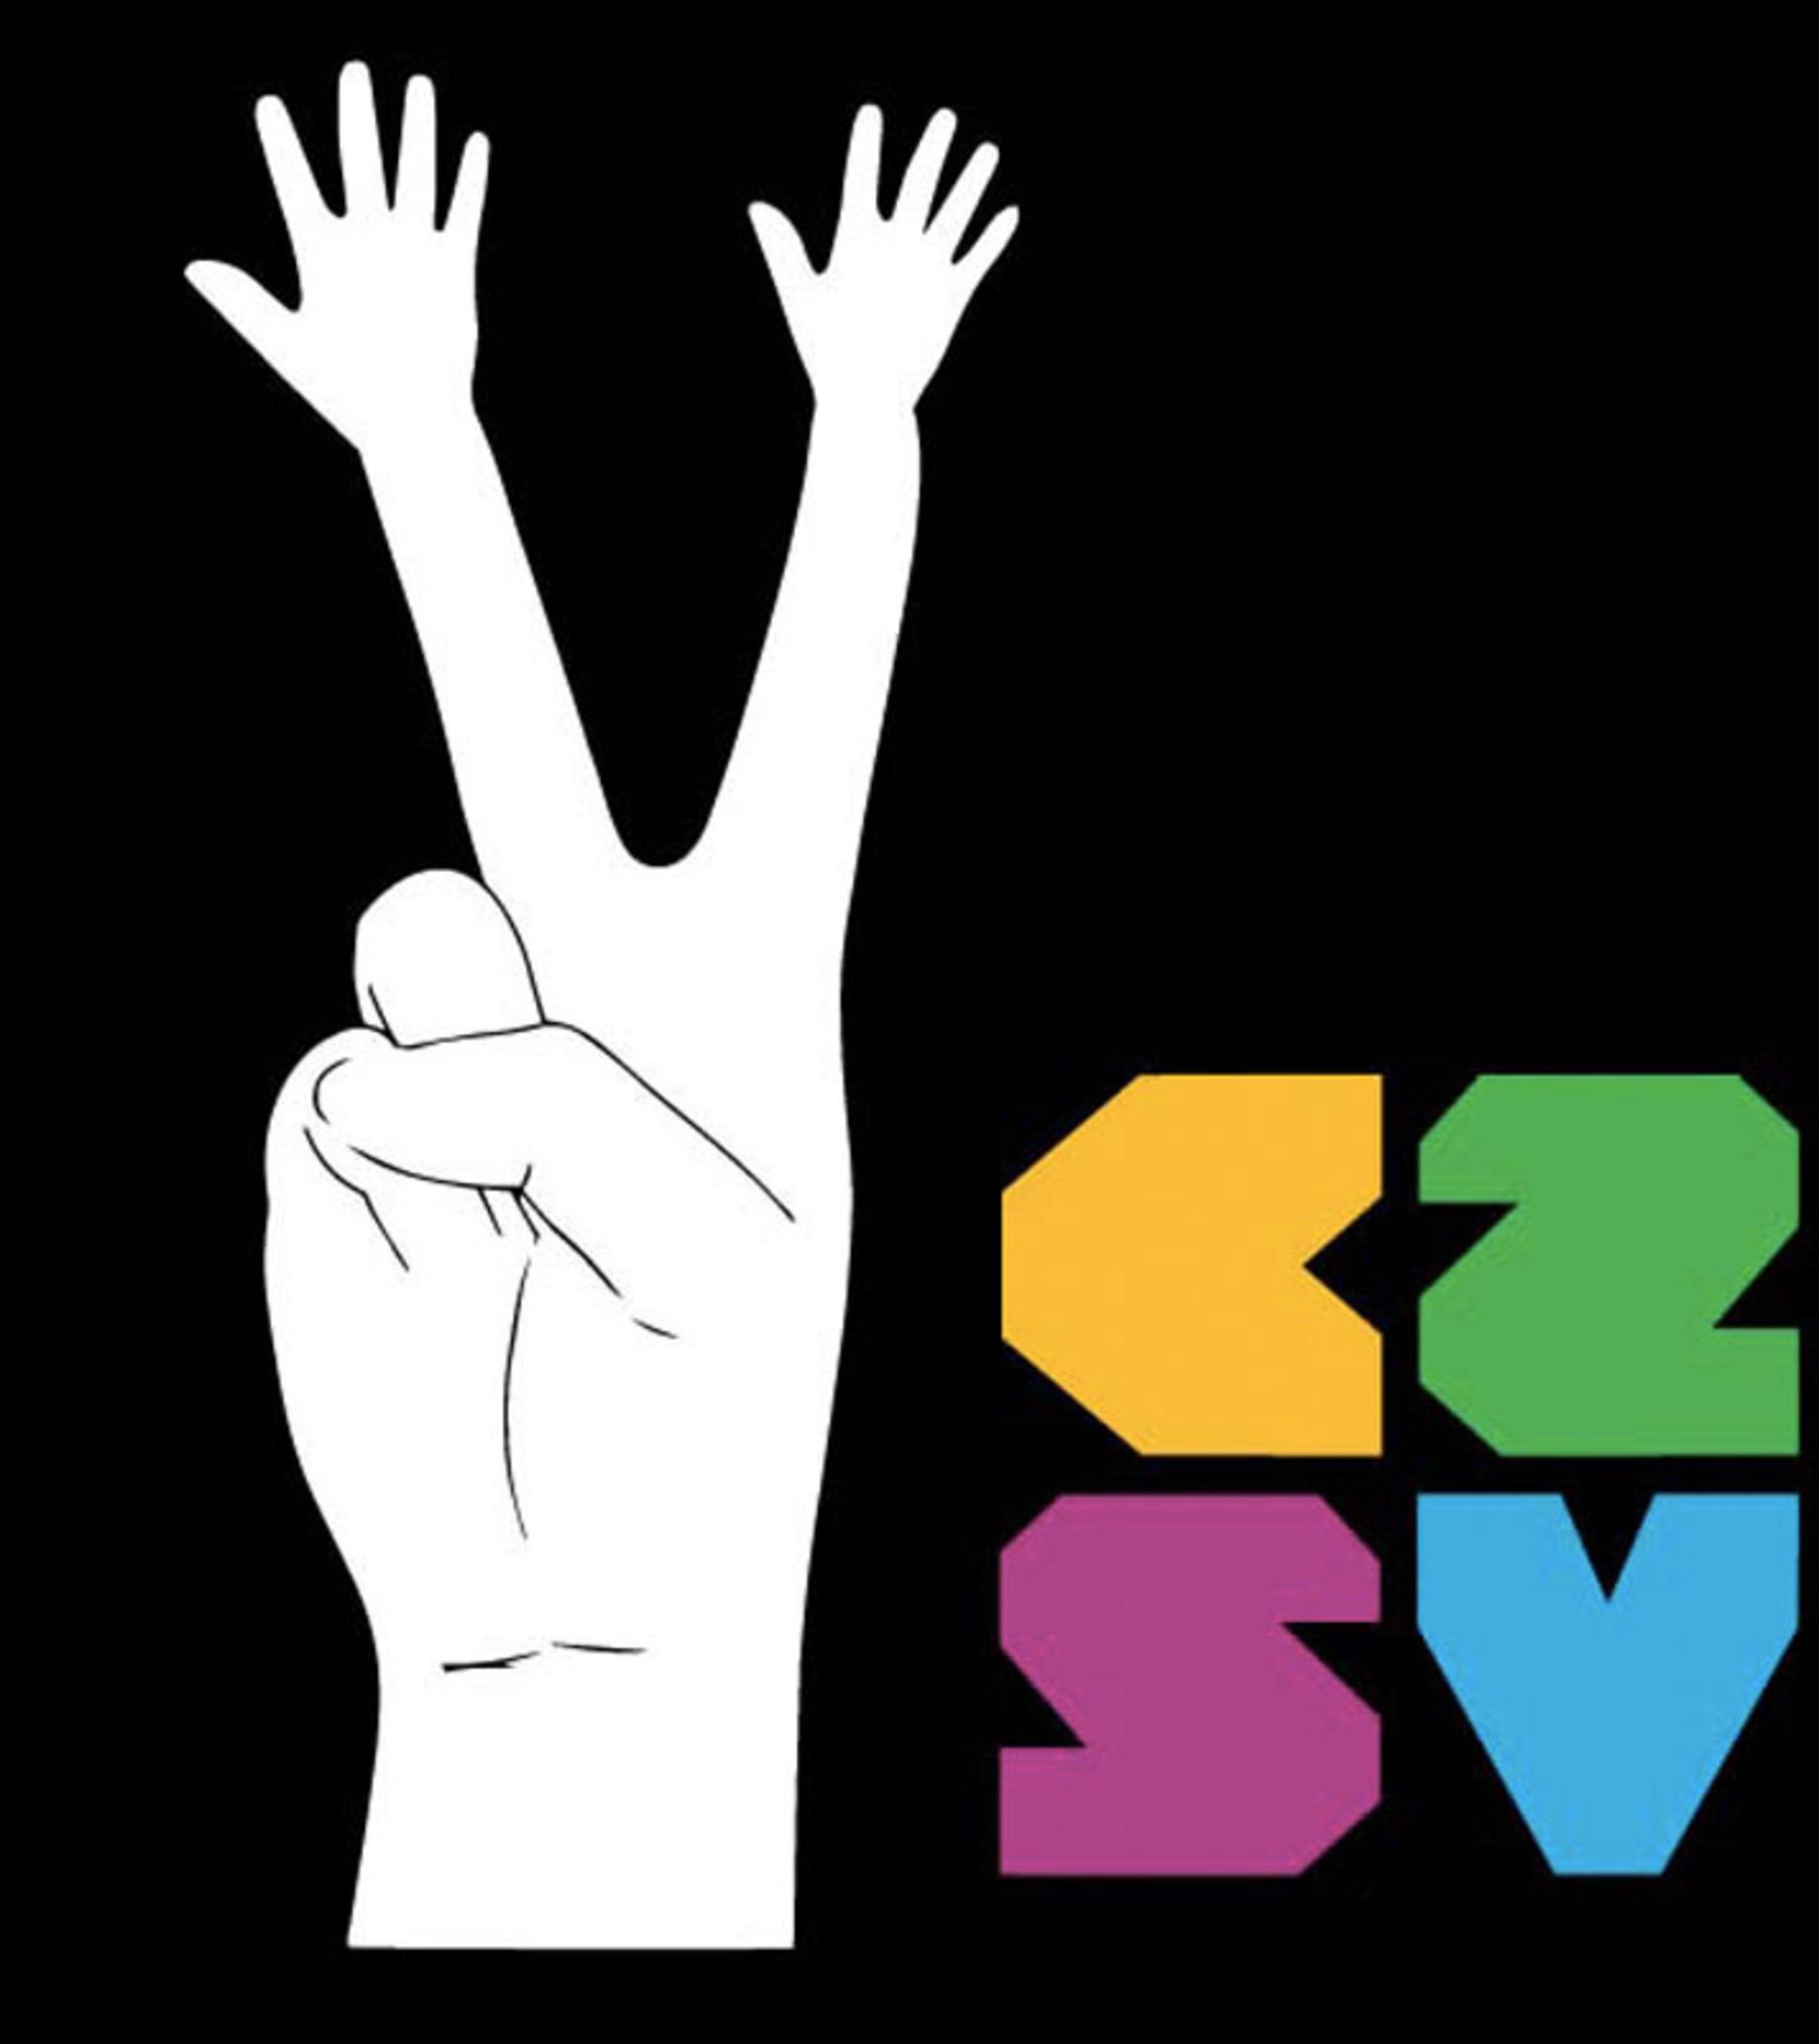 C2SV.  (PRNewsFoto/C2SV)